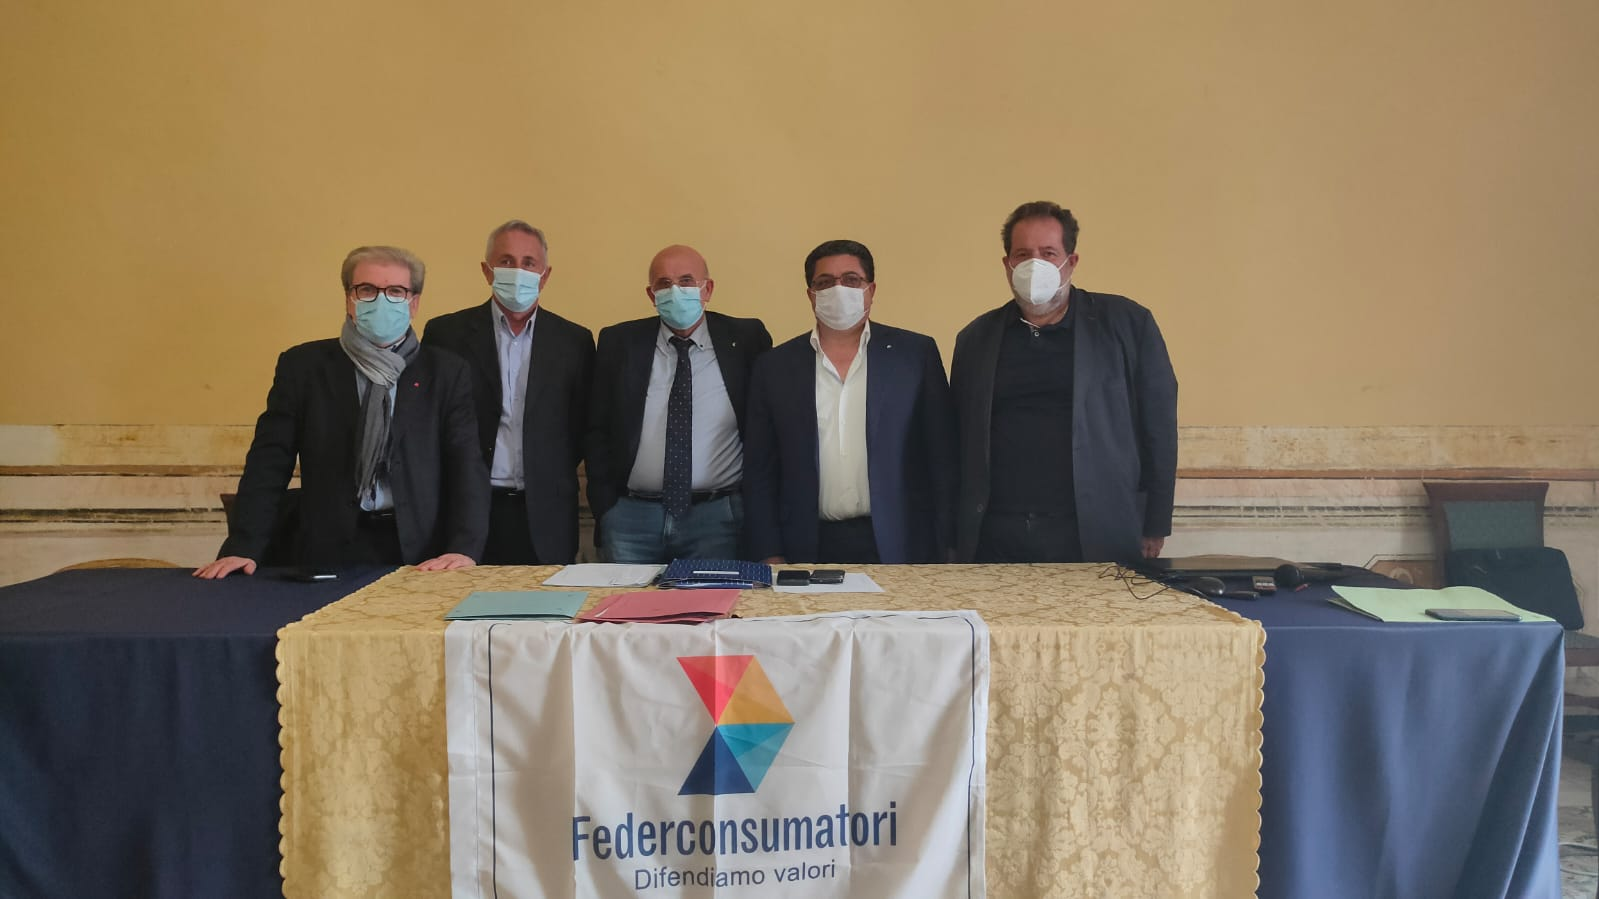 Federconsumatori Messina ha un nuovo direttivo, il presidente è Giuseppe Abate